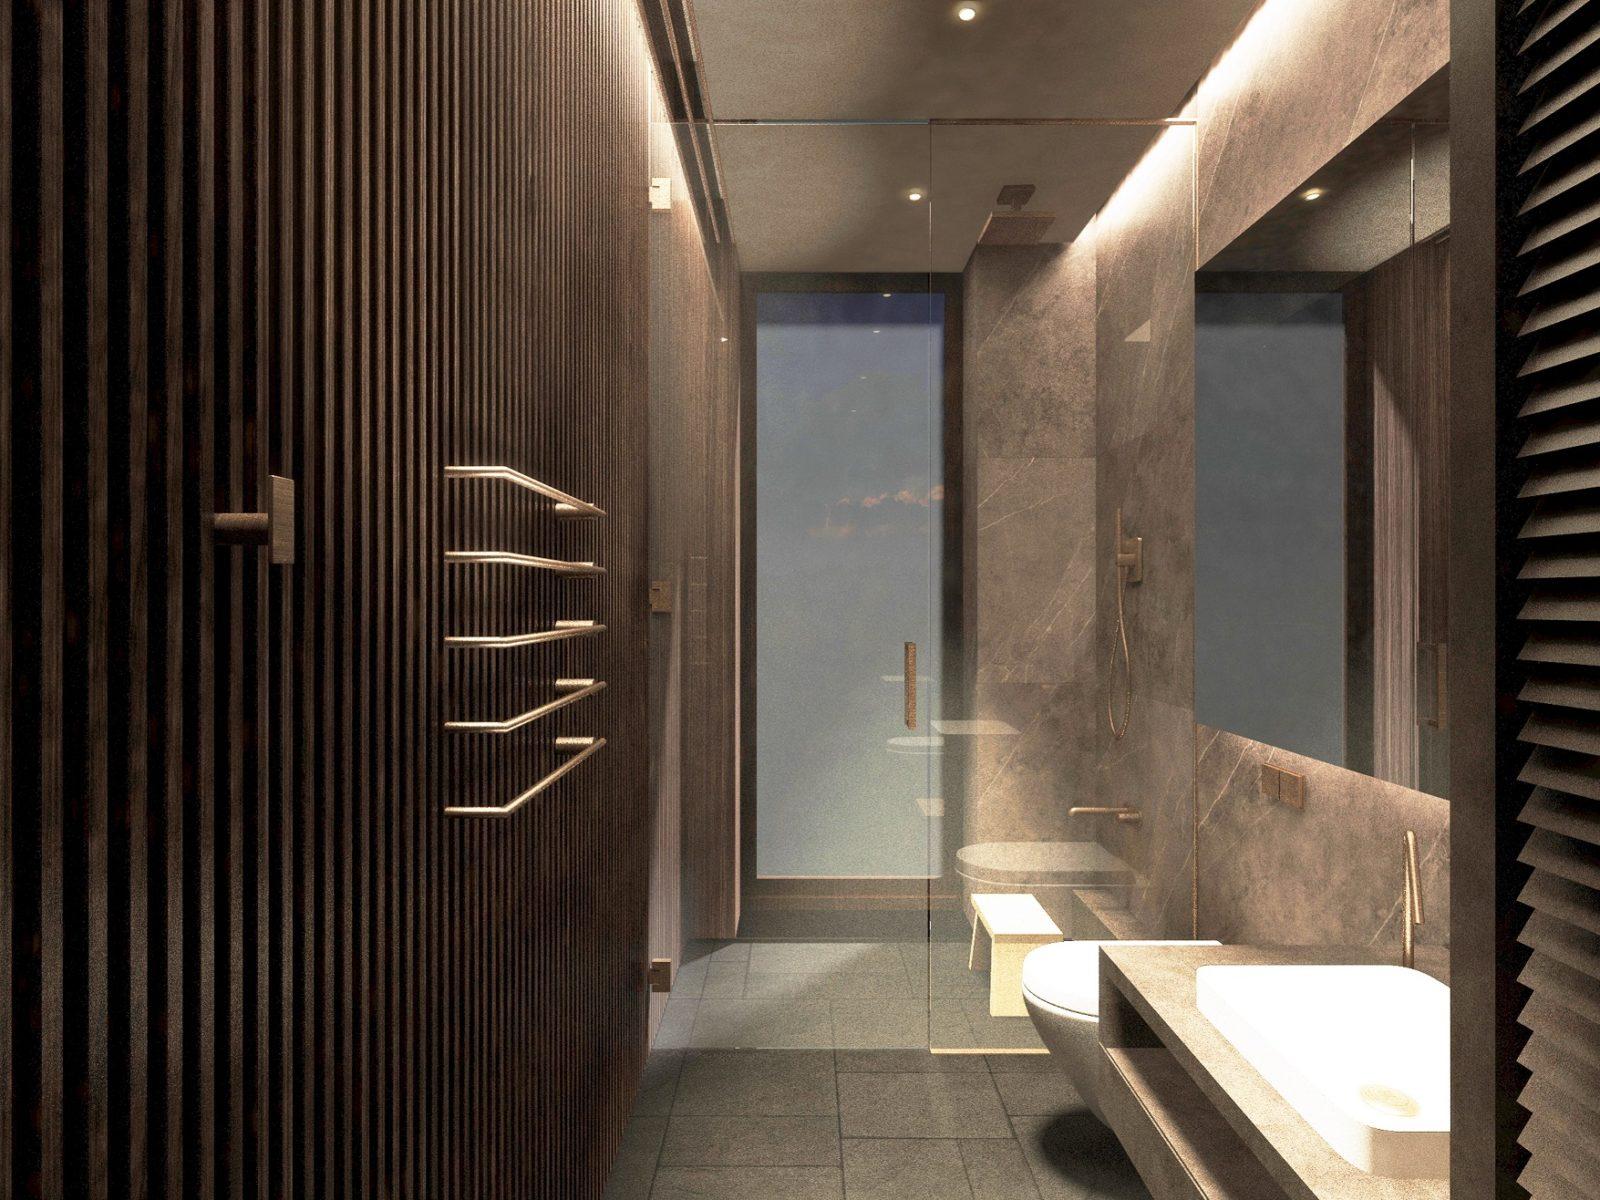 Ванная комната хайтек